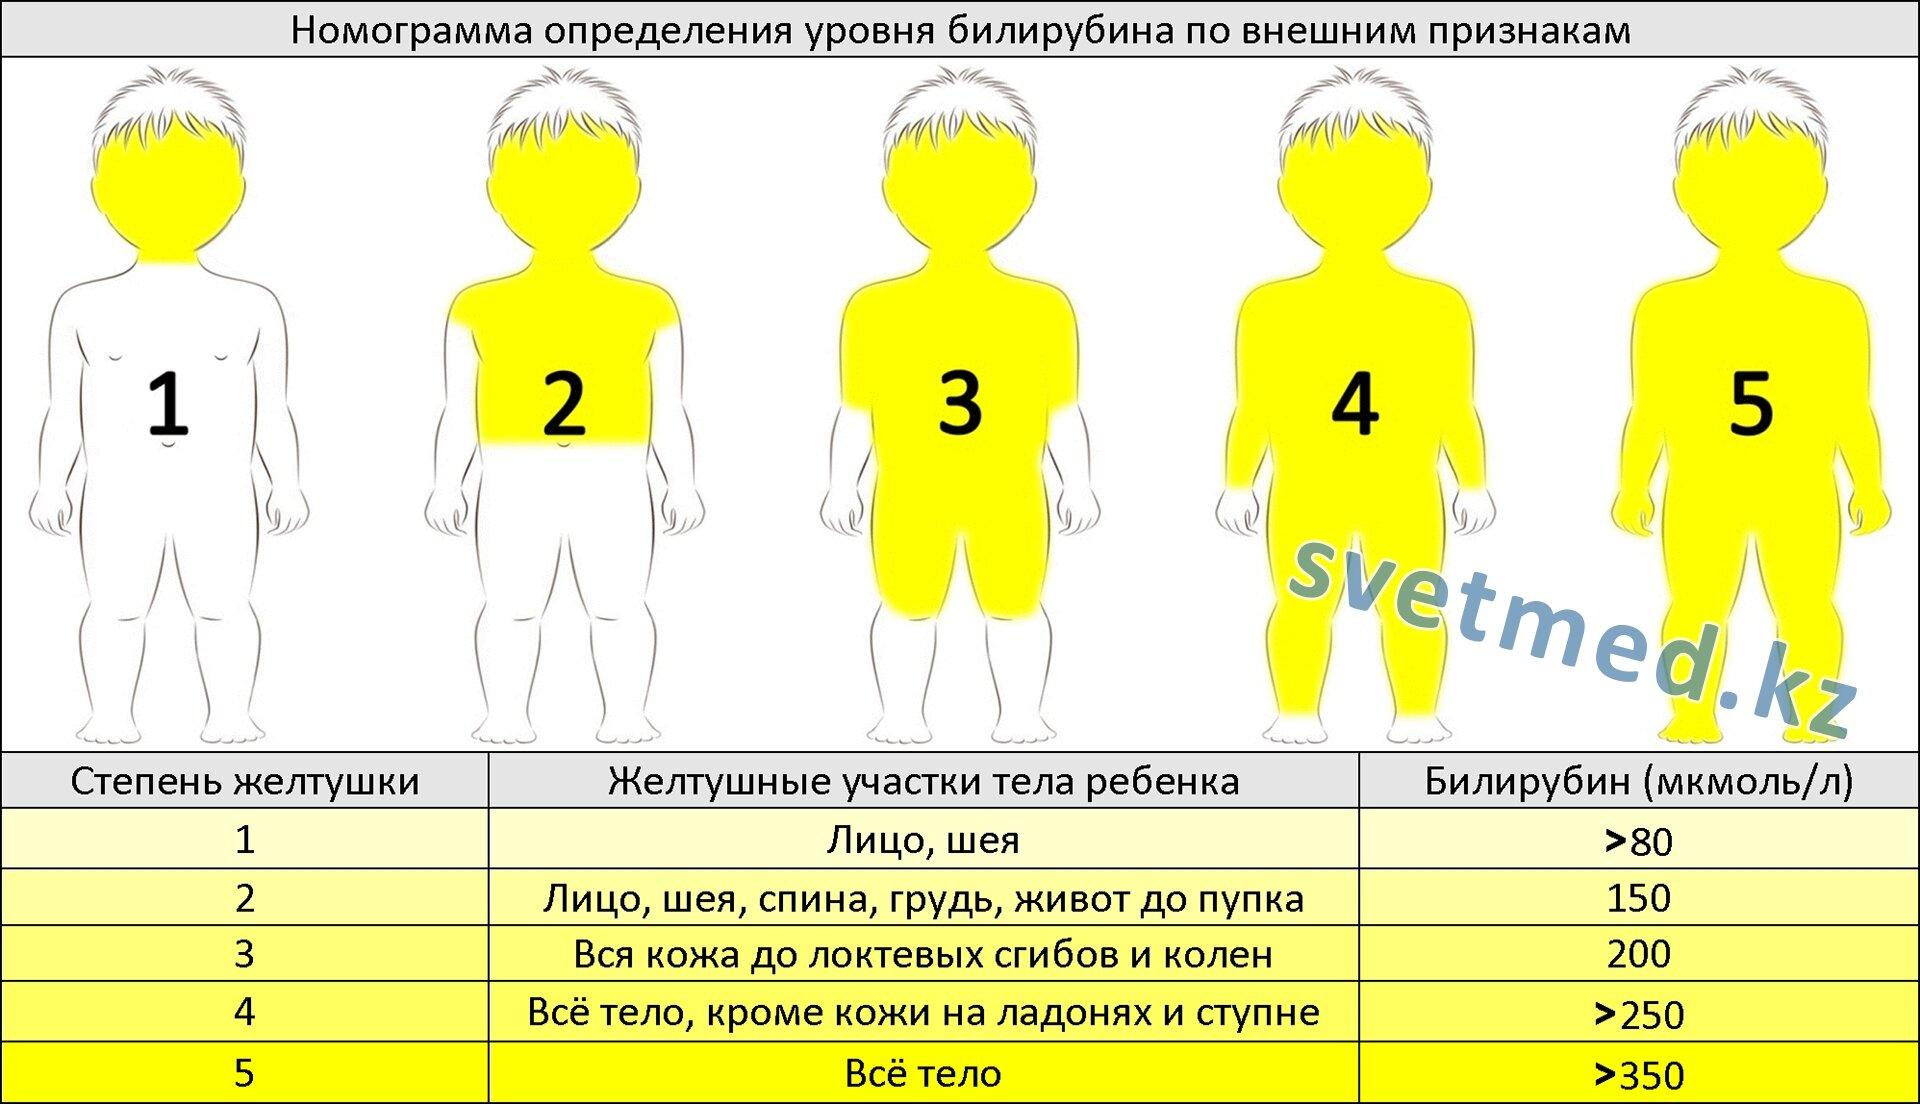 Номограмма определения уровня билирубина